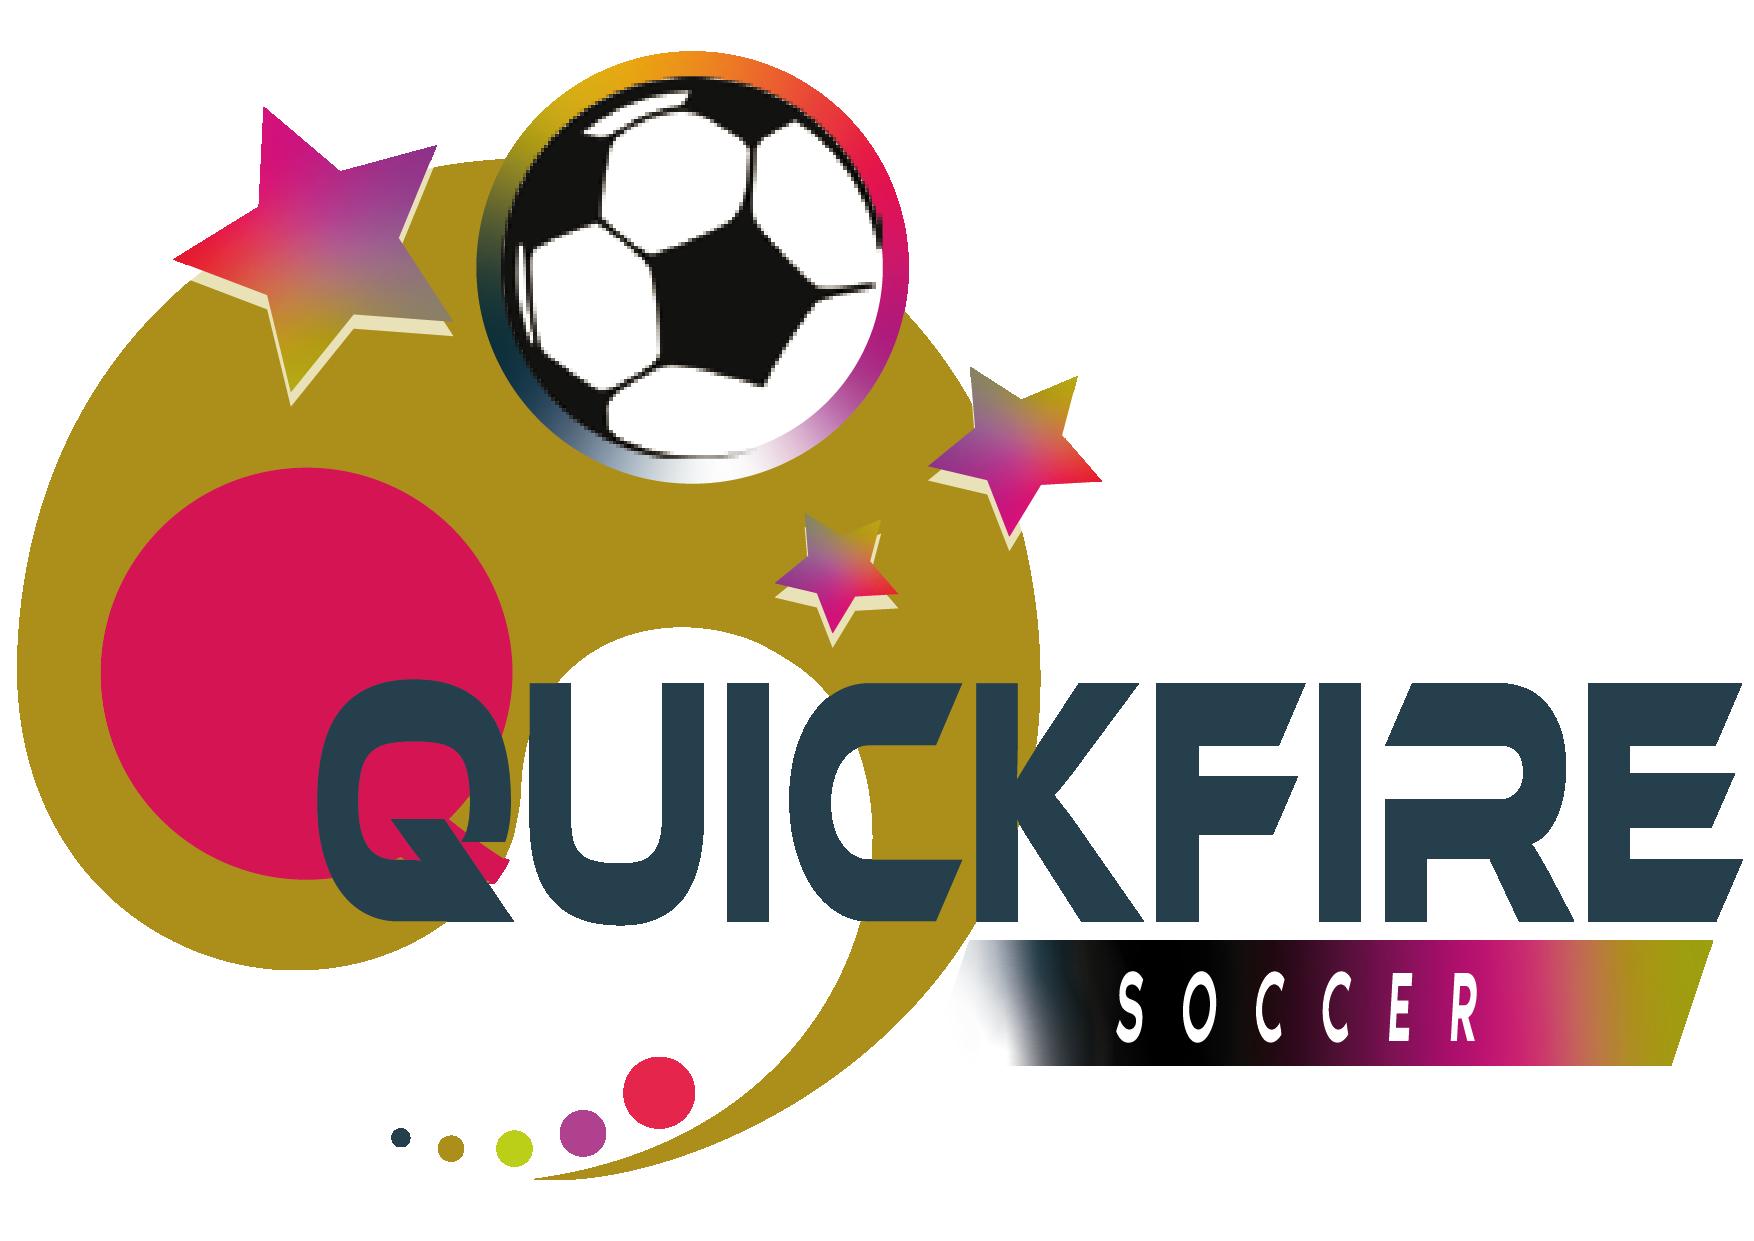 Quickfire Soccer